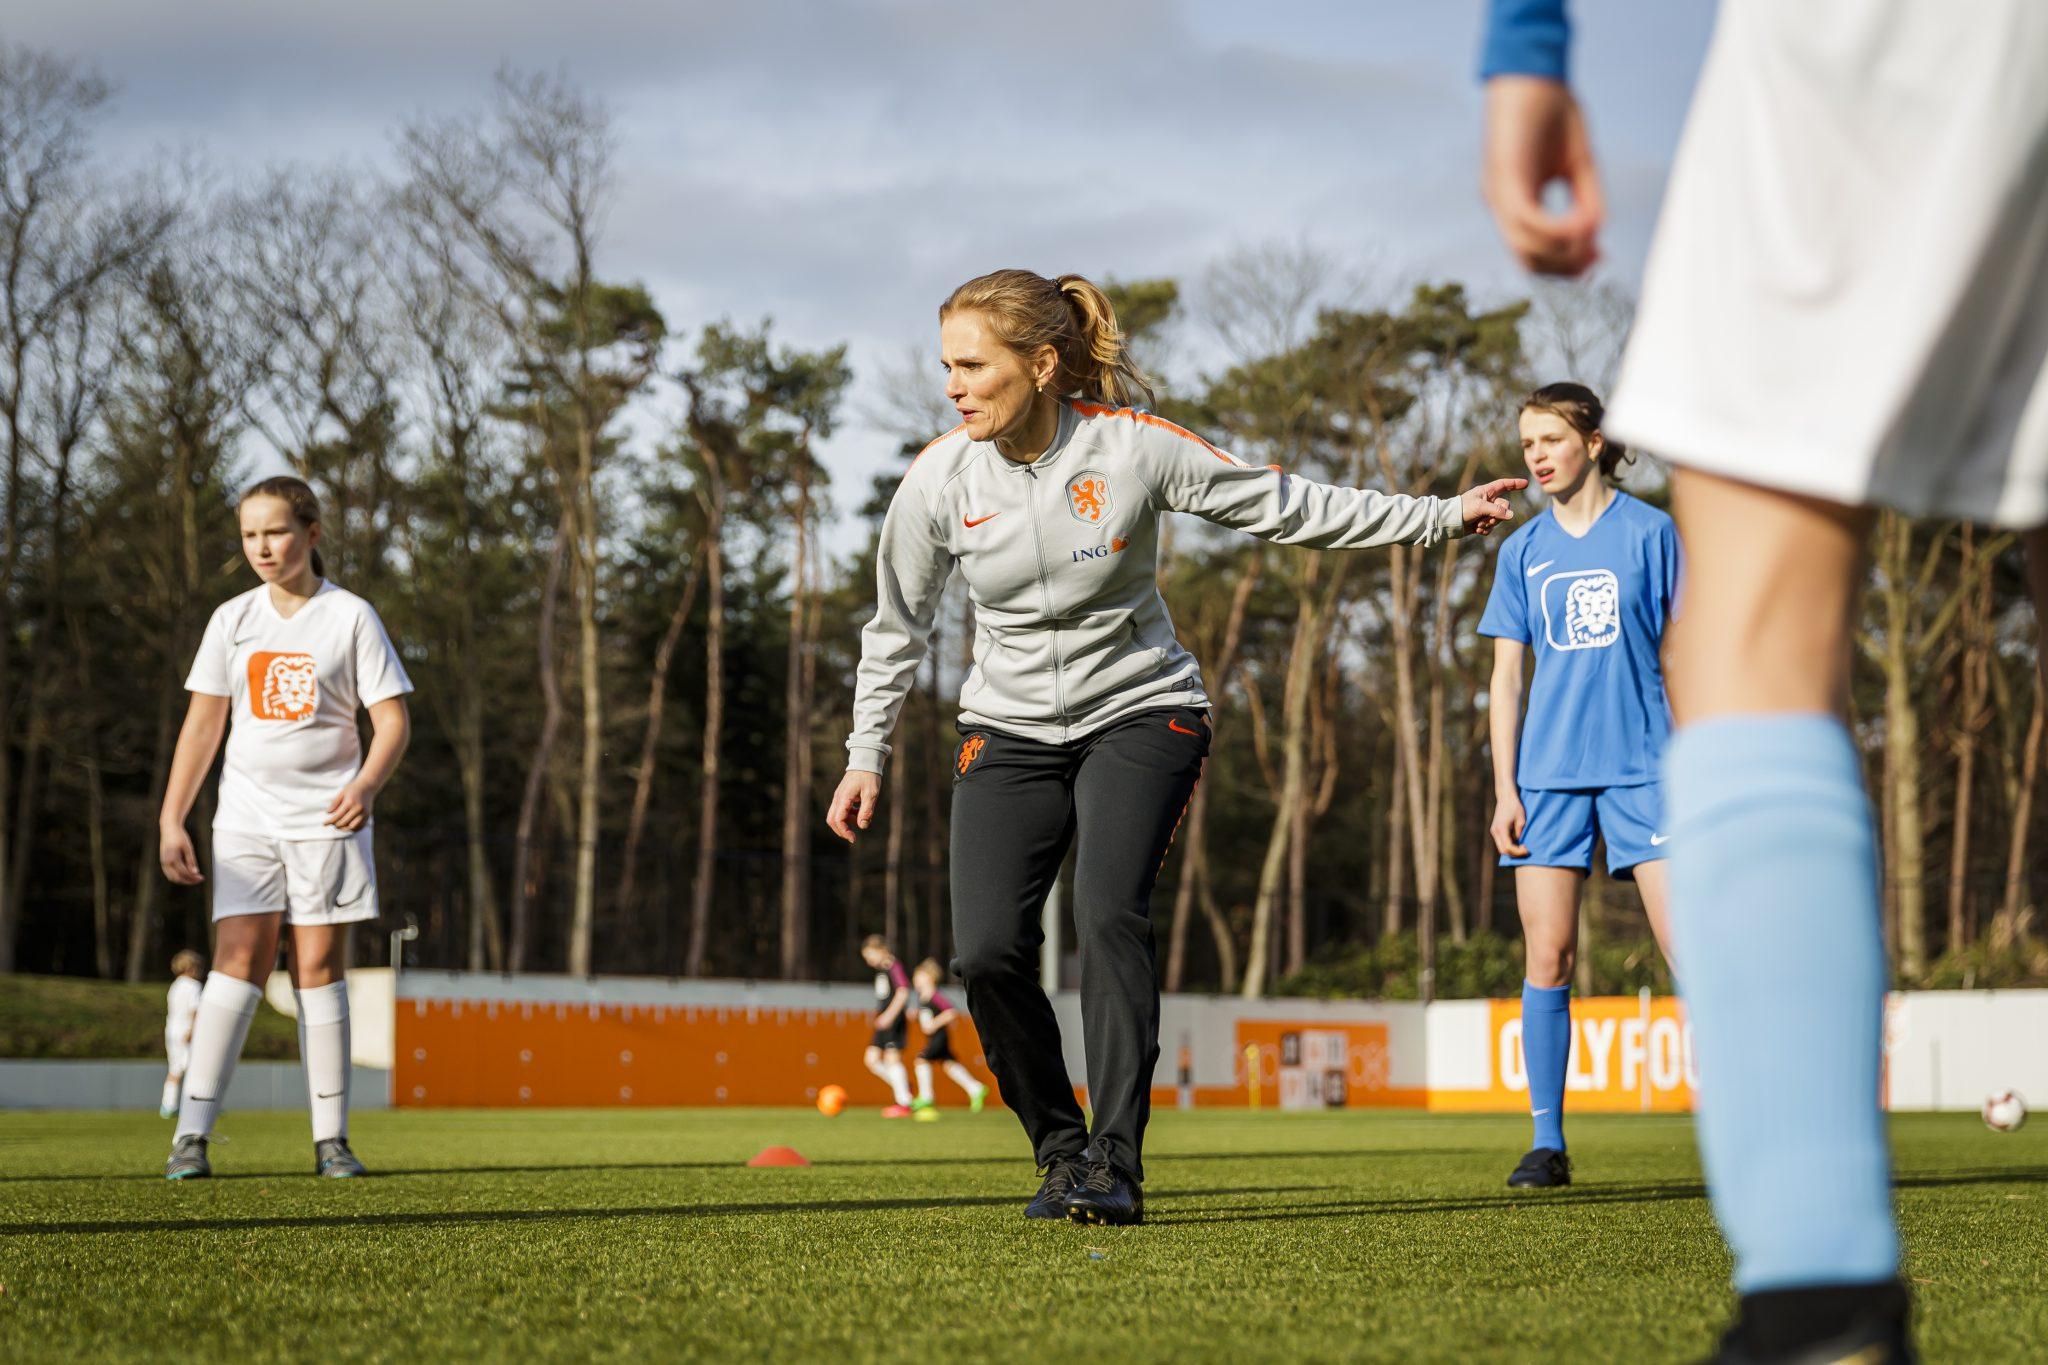 Bondscoach Sarina Wiegman verrast voetbalclubs PVC met driejarig ING sponsorcontract